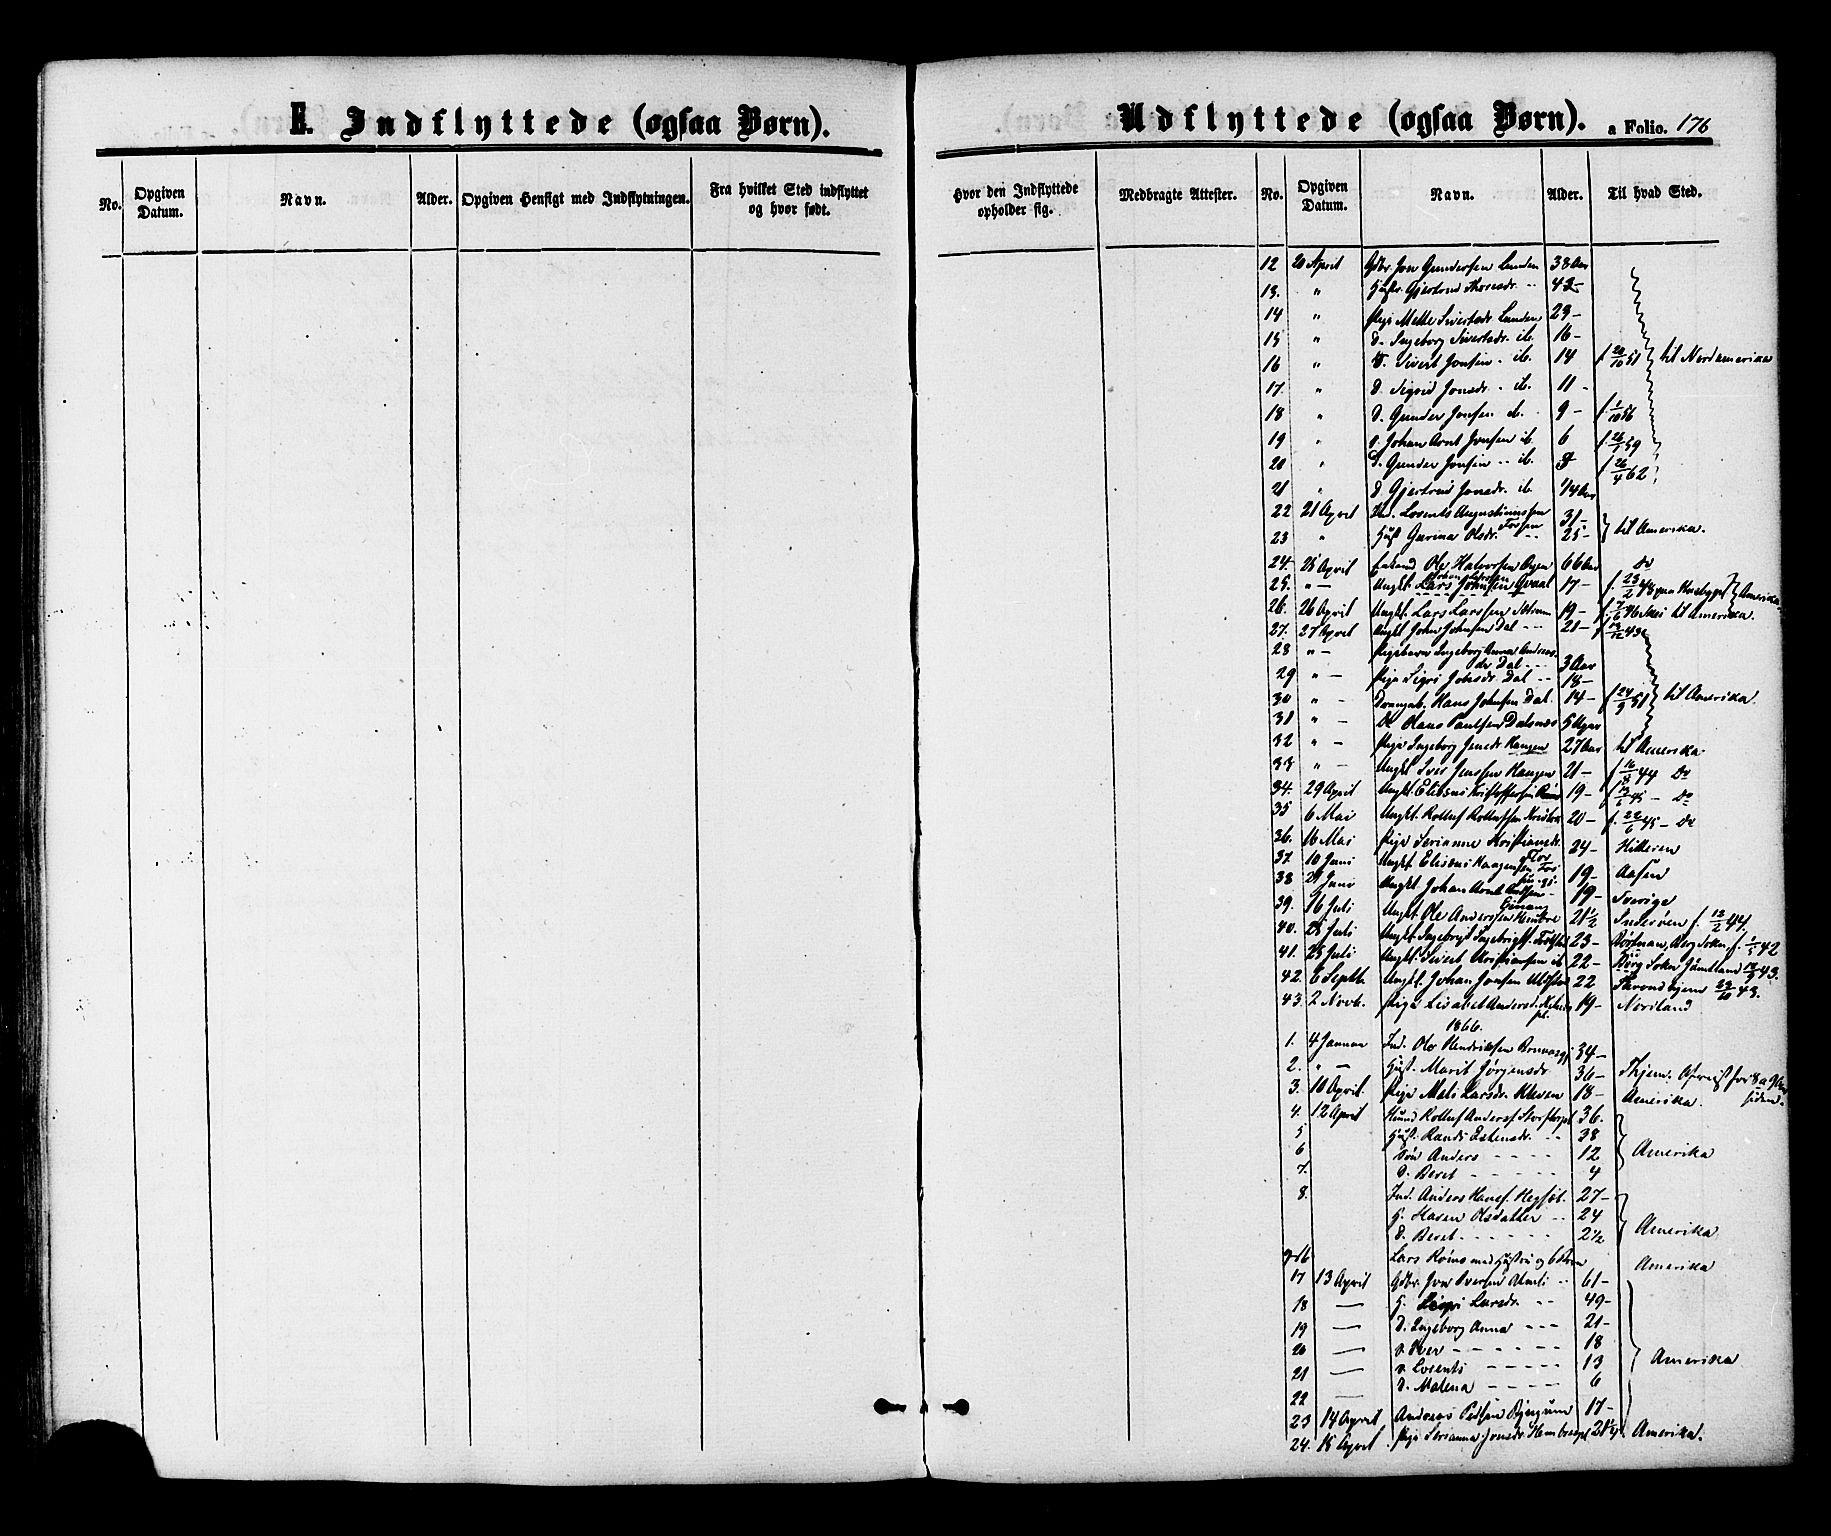 SAT, Ministerialprotokoller, klokkerbøker og fødselsregistre - Nord-Trøndelag, 703/L0029: Ministerialbok nr. 703A02, 1863-1879, s. 176